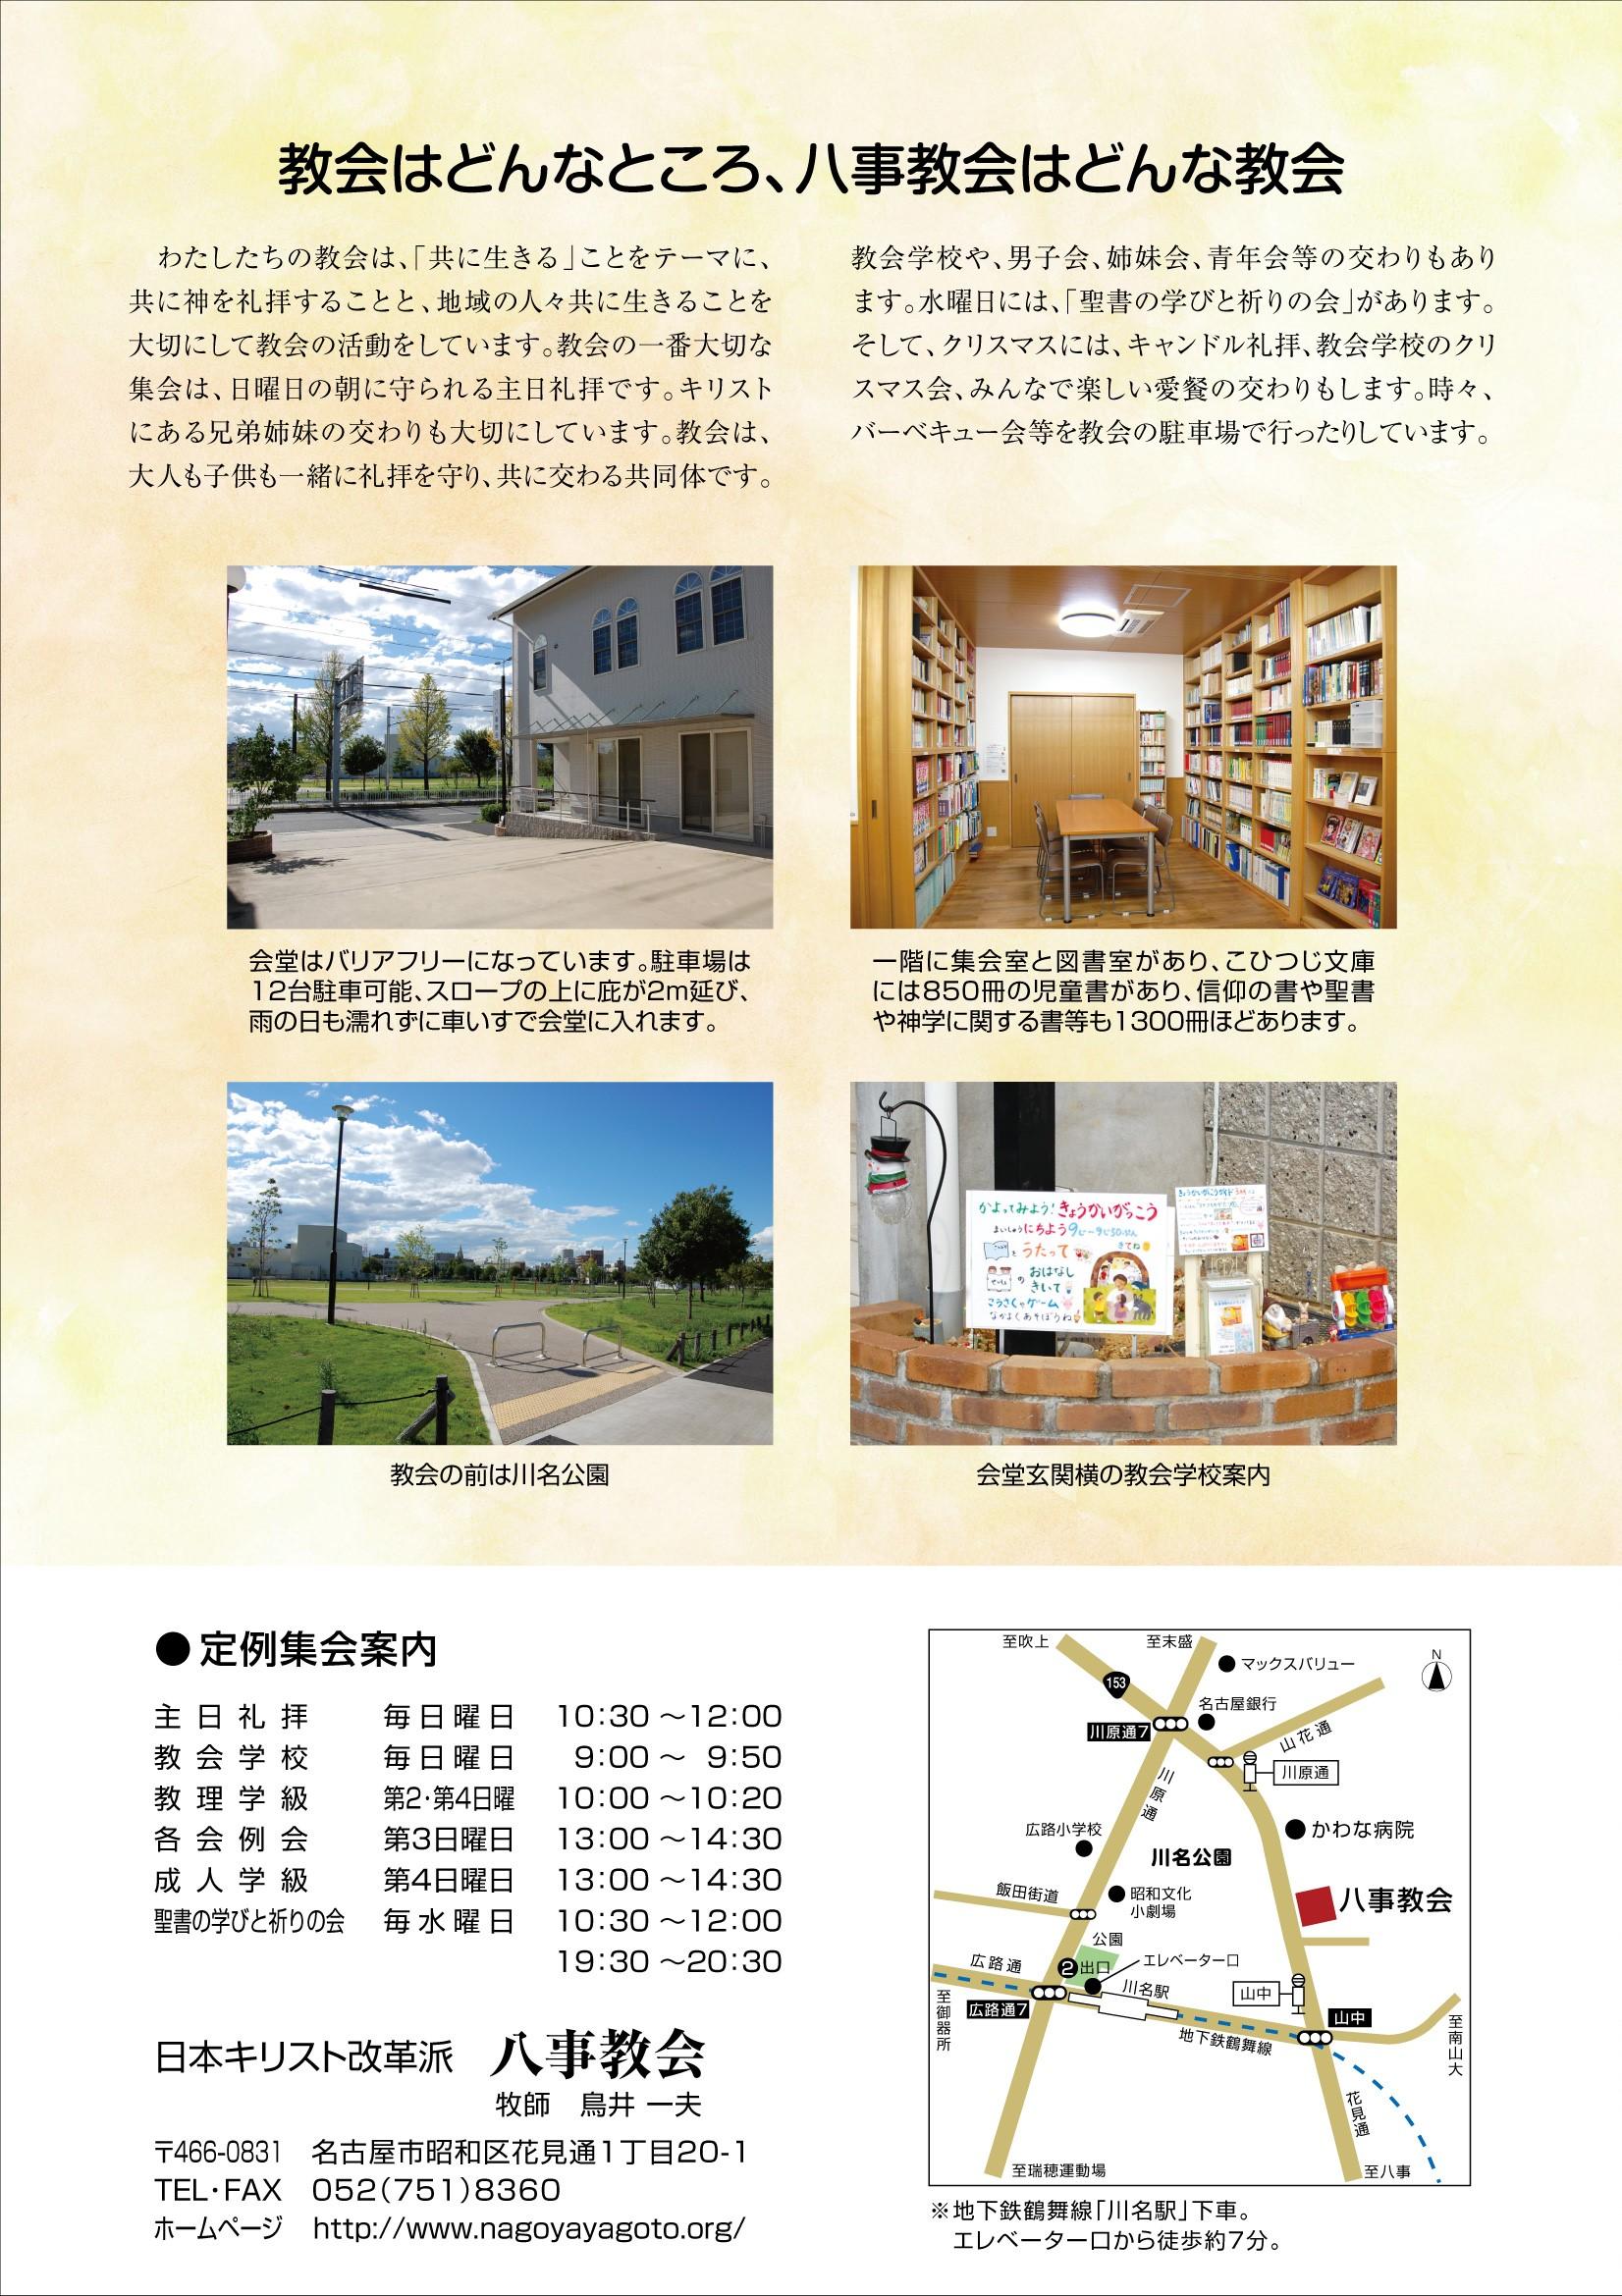 日本キリスト改革派八事教会ニュースレター第4号4ページ